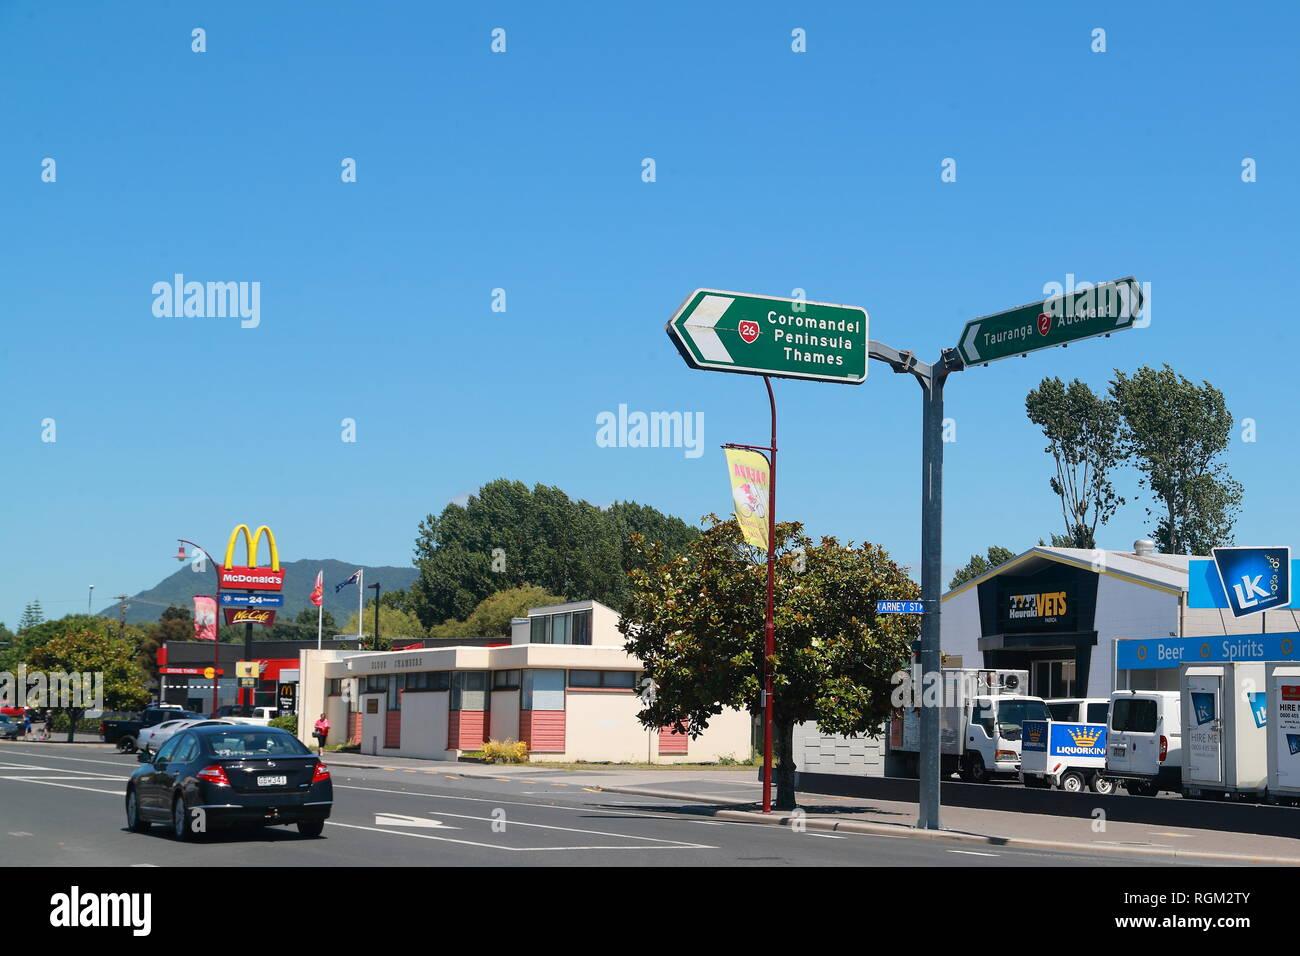 La signalisation routière en Paeroa, Nouvelle-Zélande Photo Stock